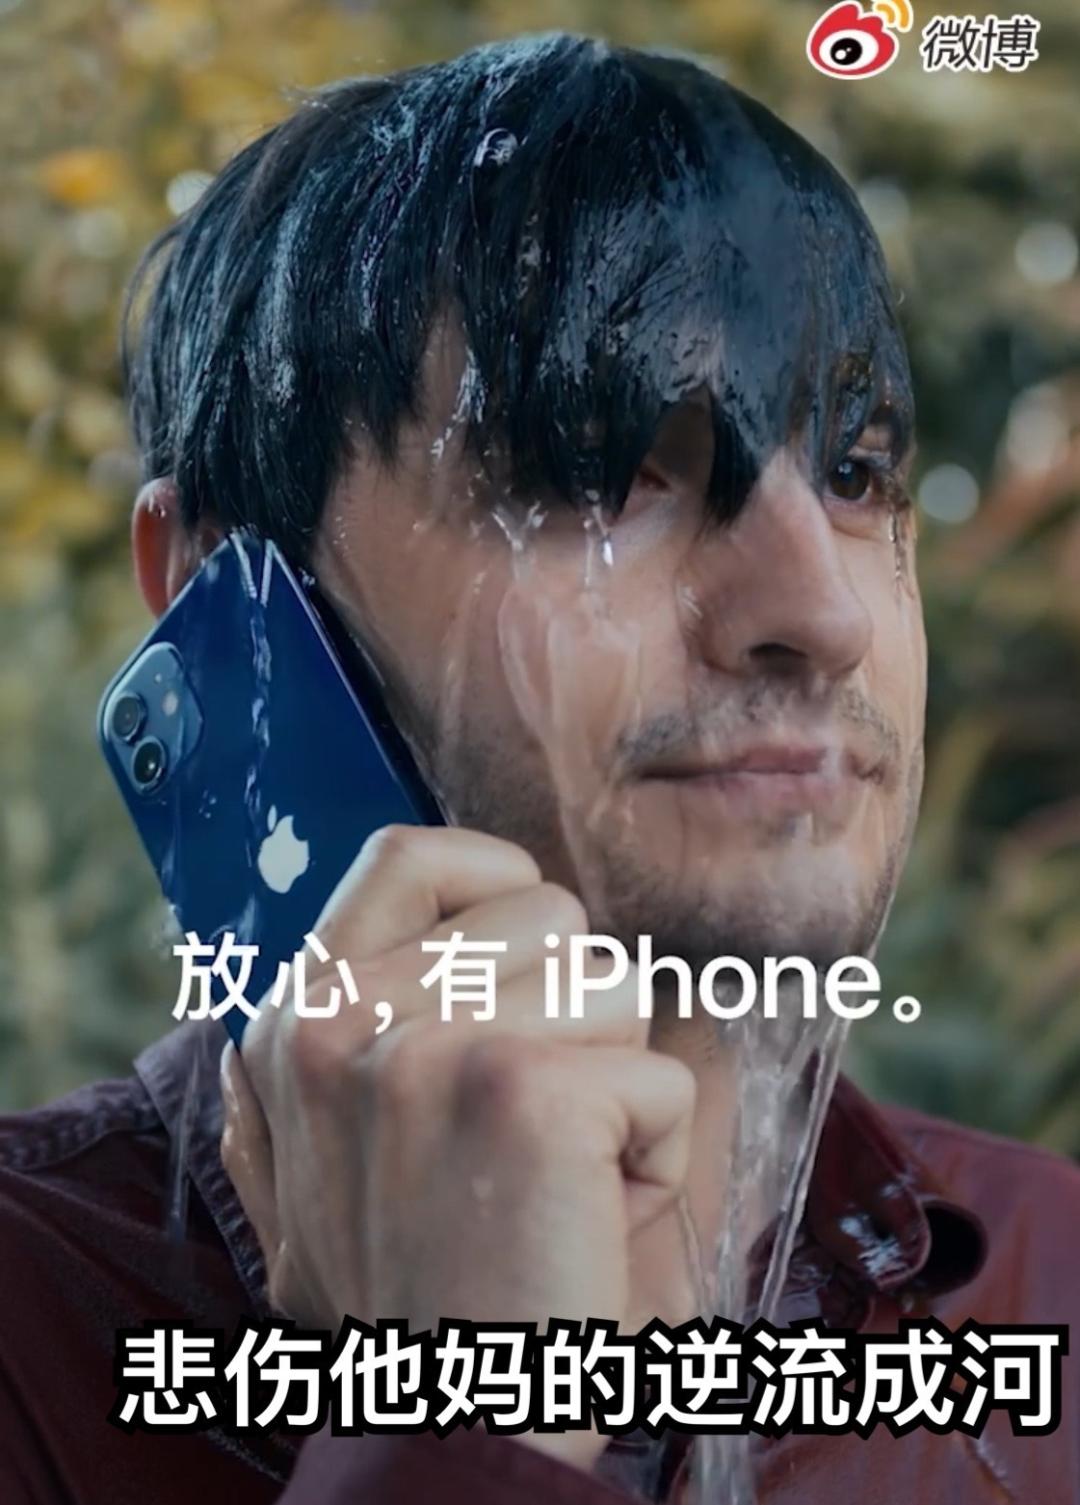 184585643660e6abe09c90c4.23751166 - 苹果开屏广告遭群讽,我要唱反调!